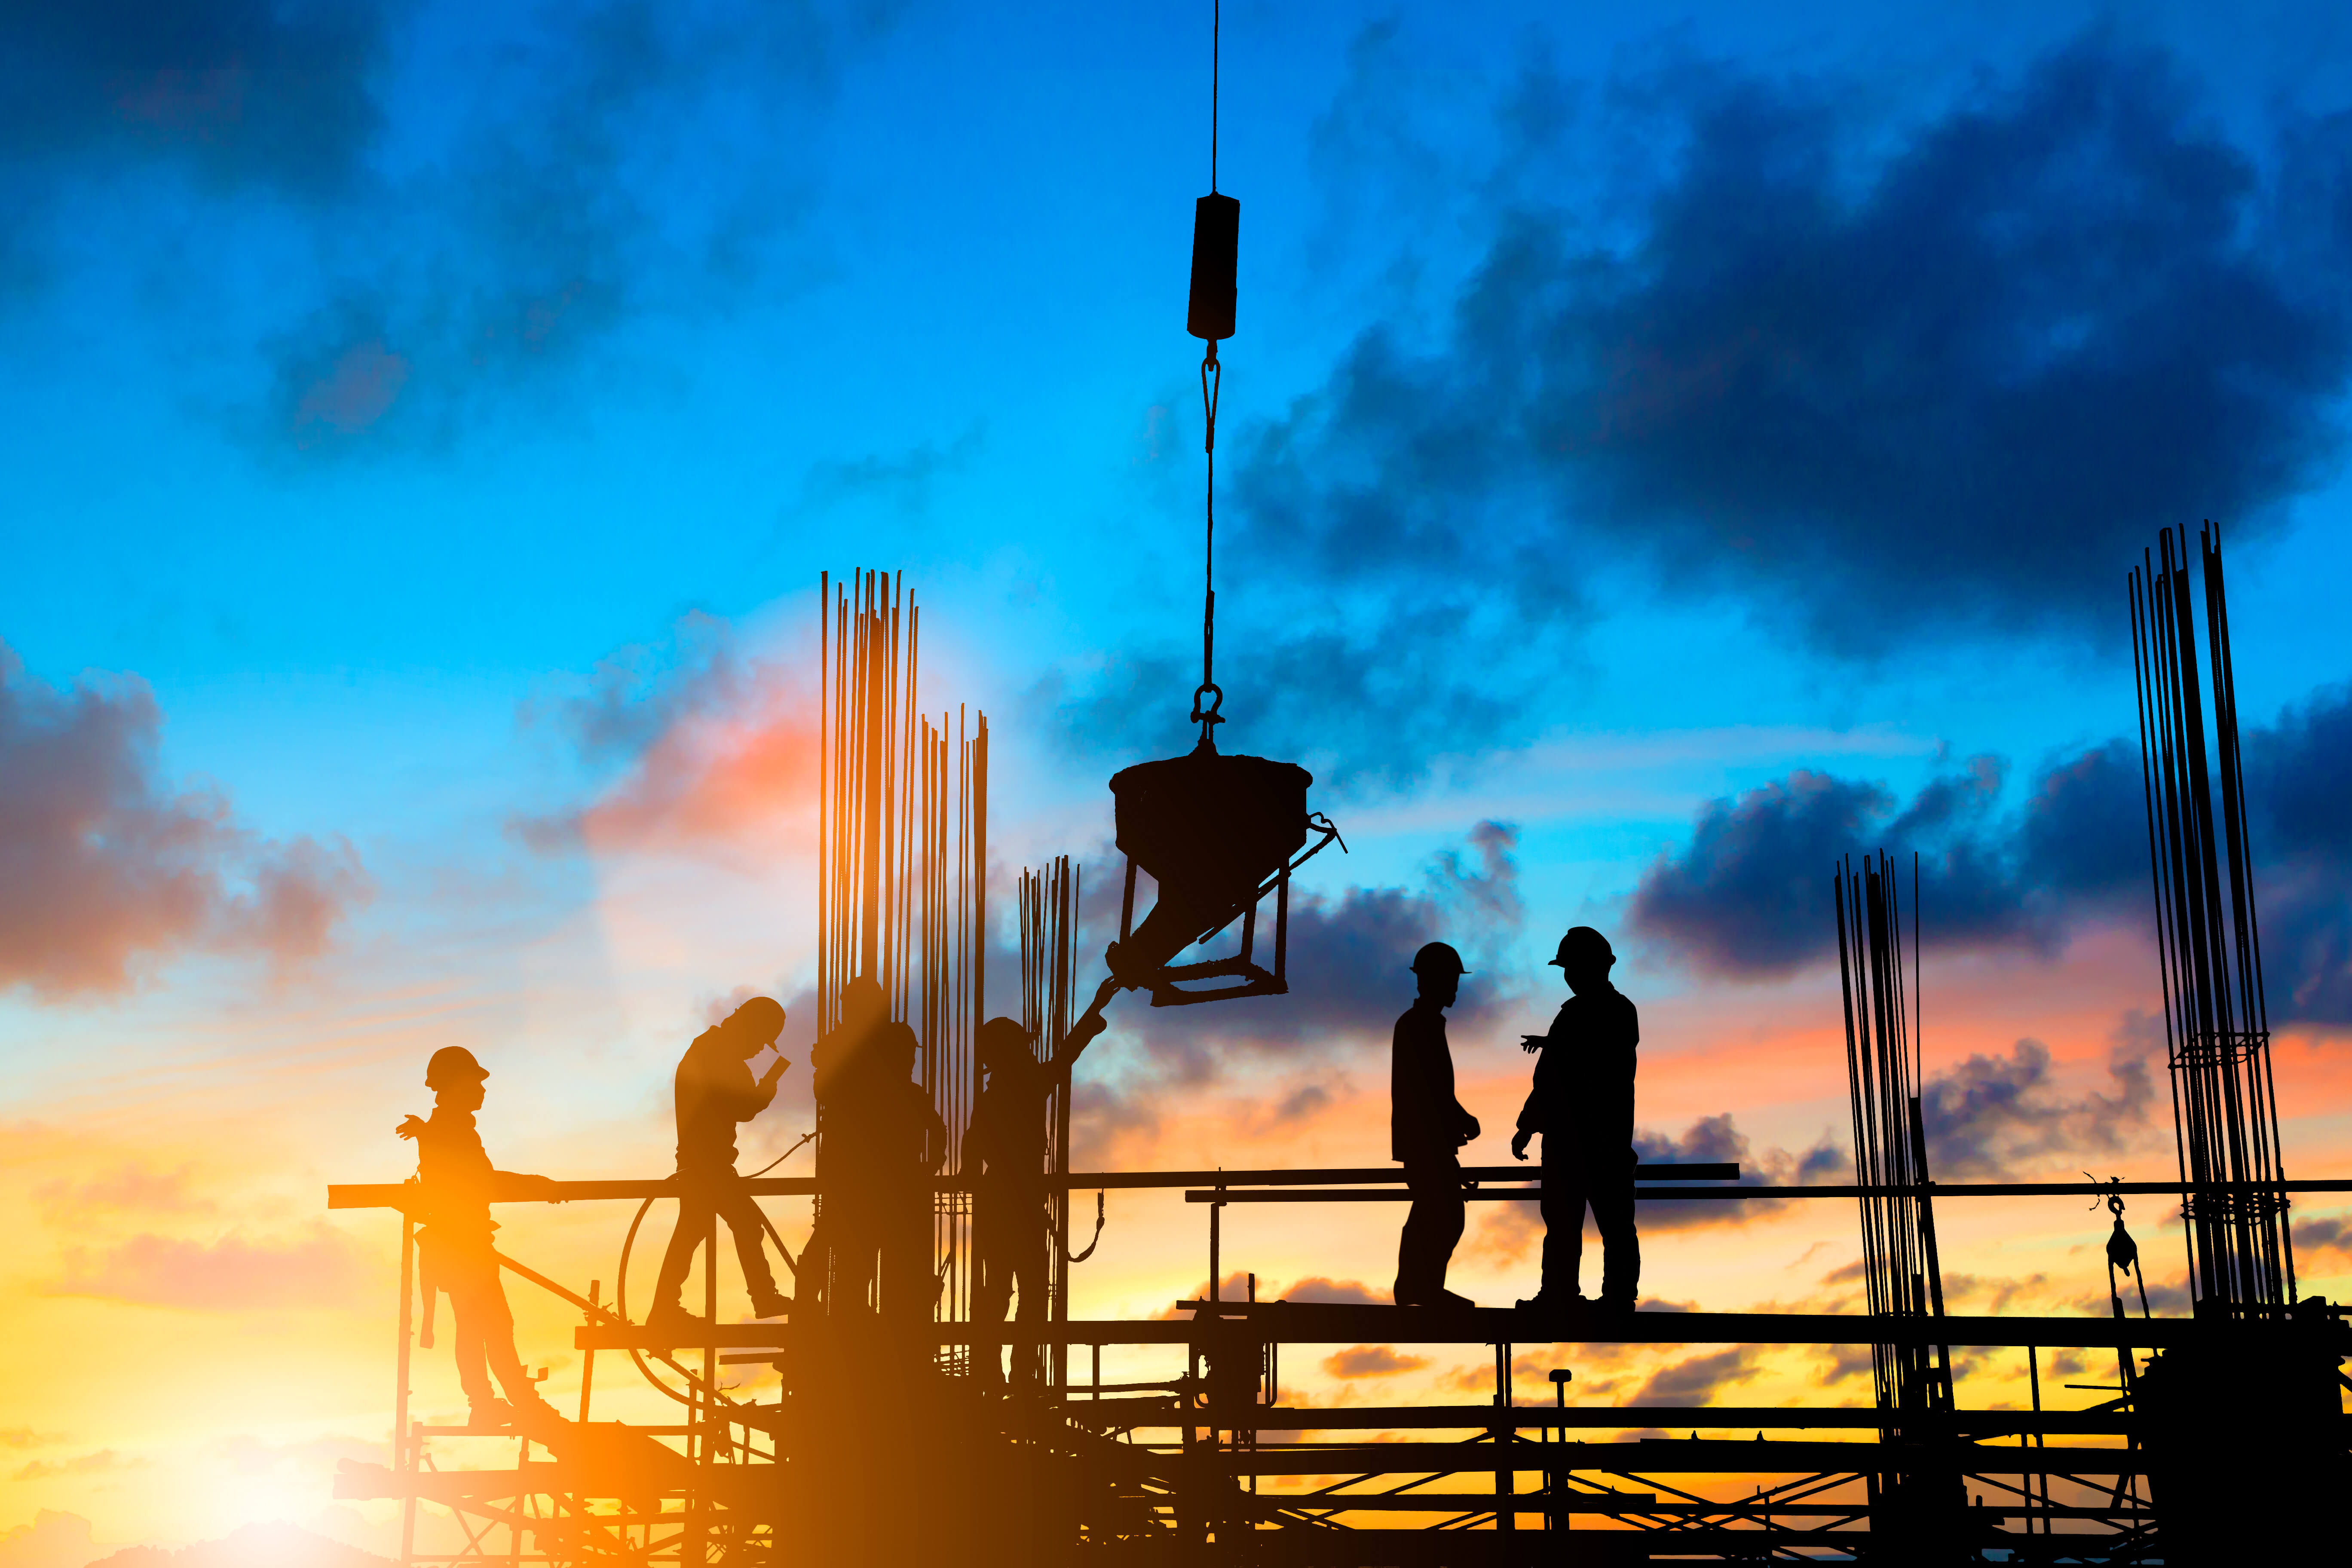 Gros Oeuvre Quimper le feunteun construction, spécialiste gros oeuvre bâtiment